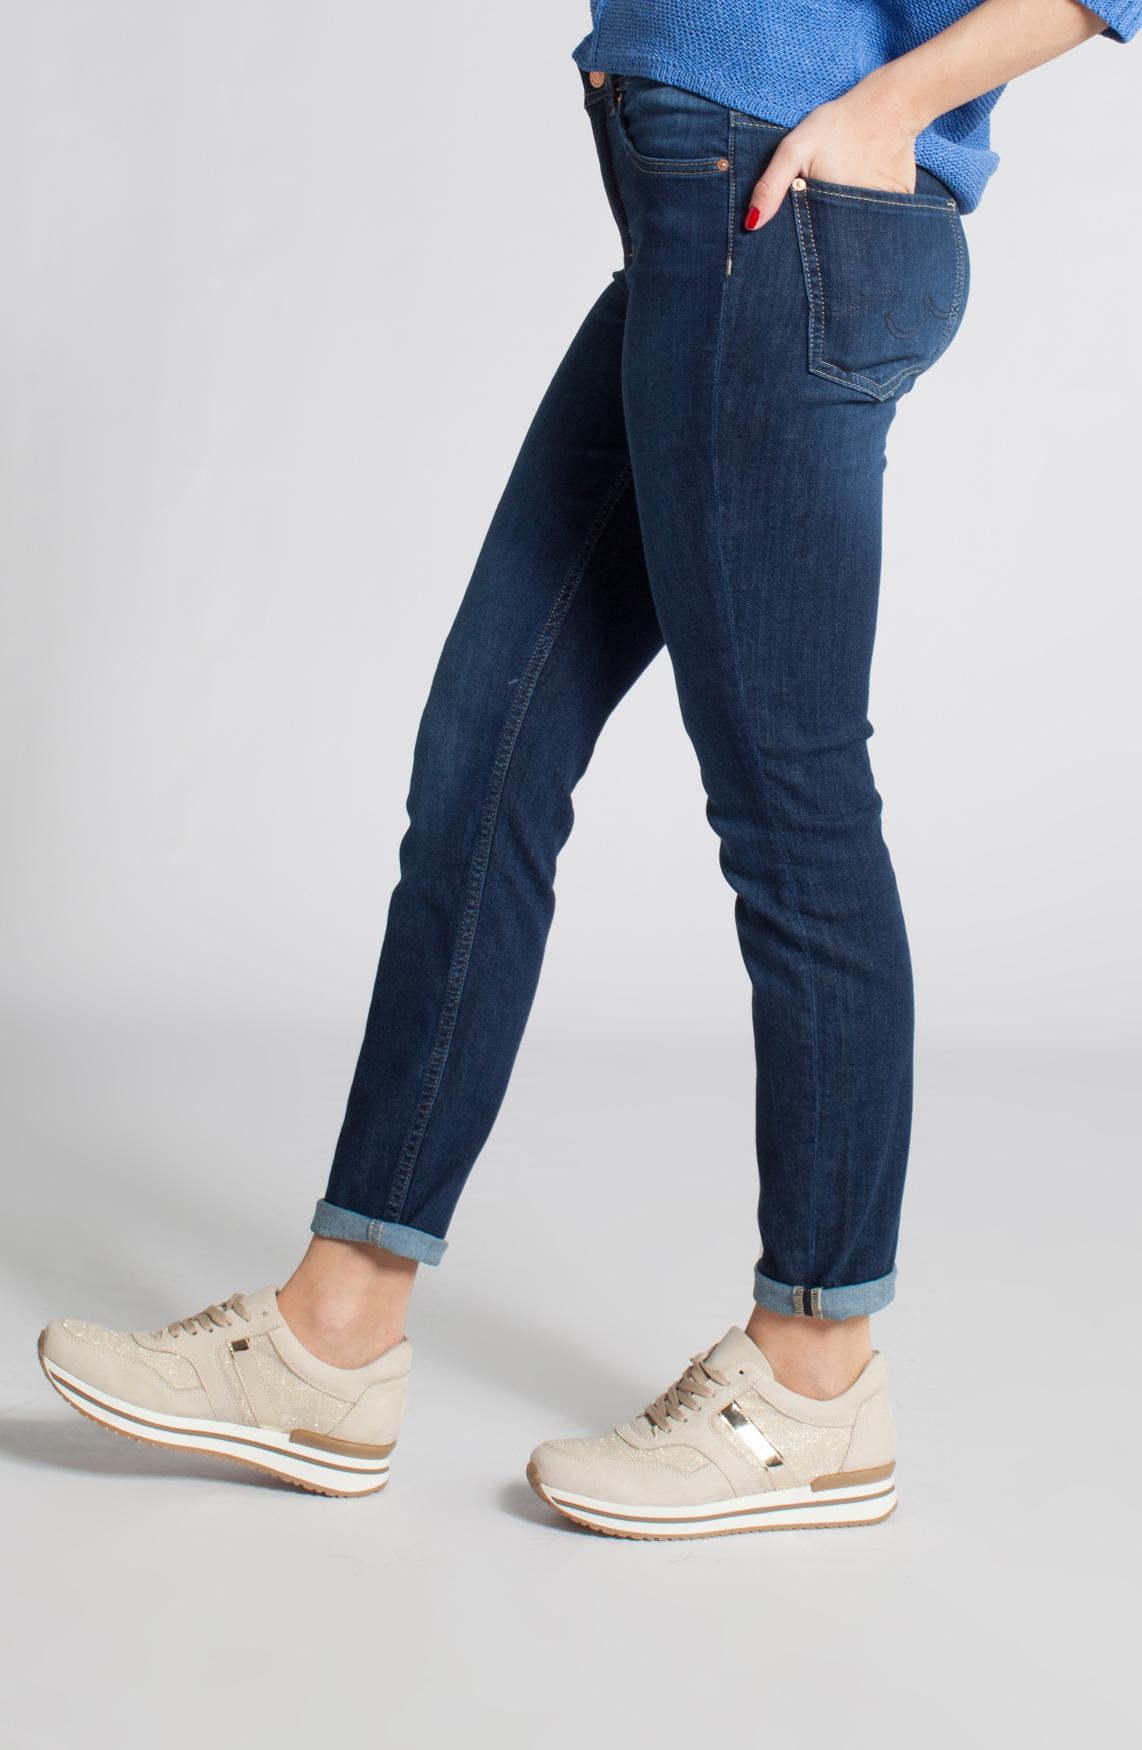 Rosner Dames Audrey donkere jeans 0